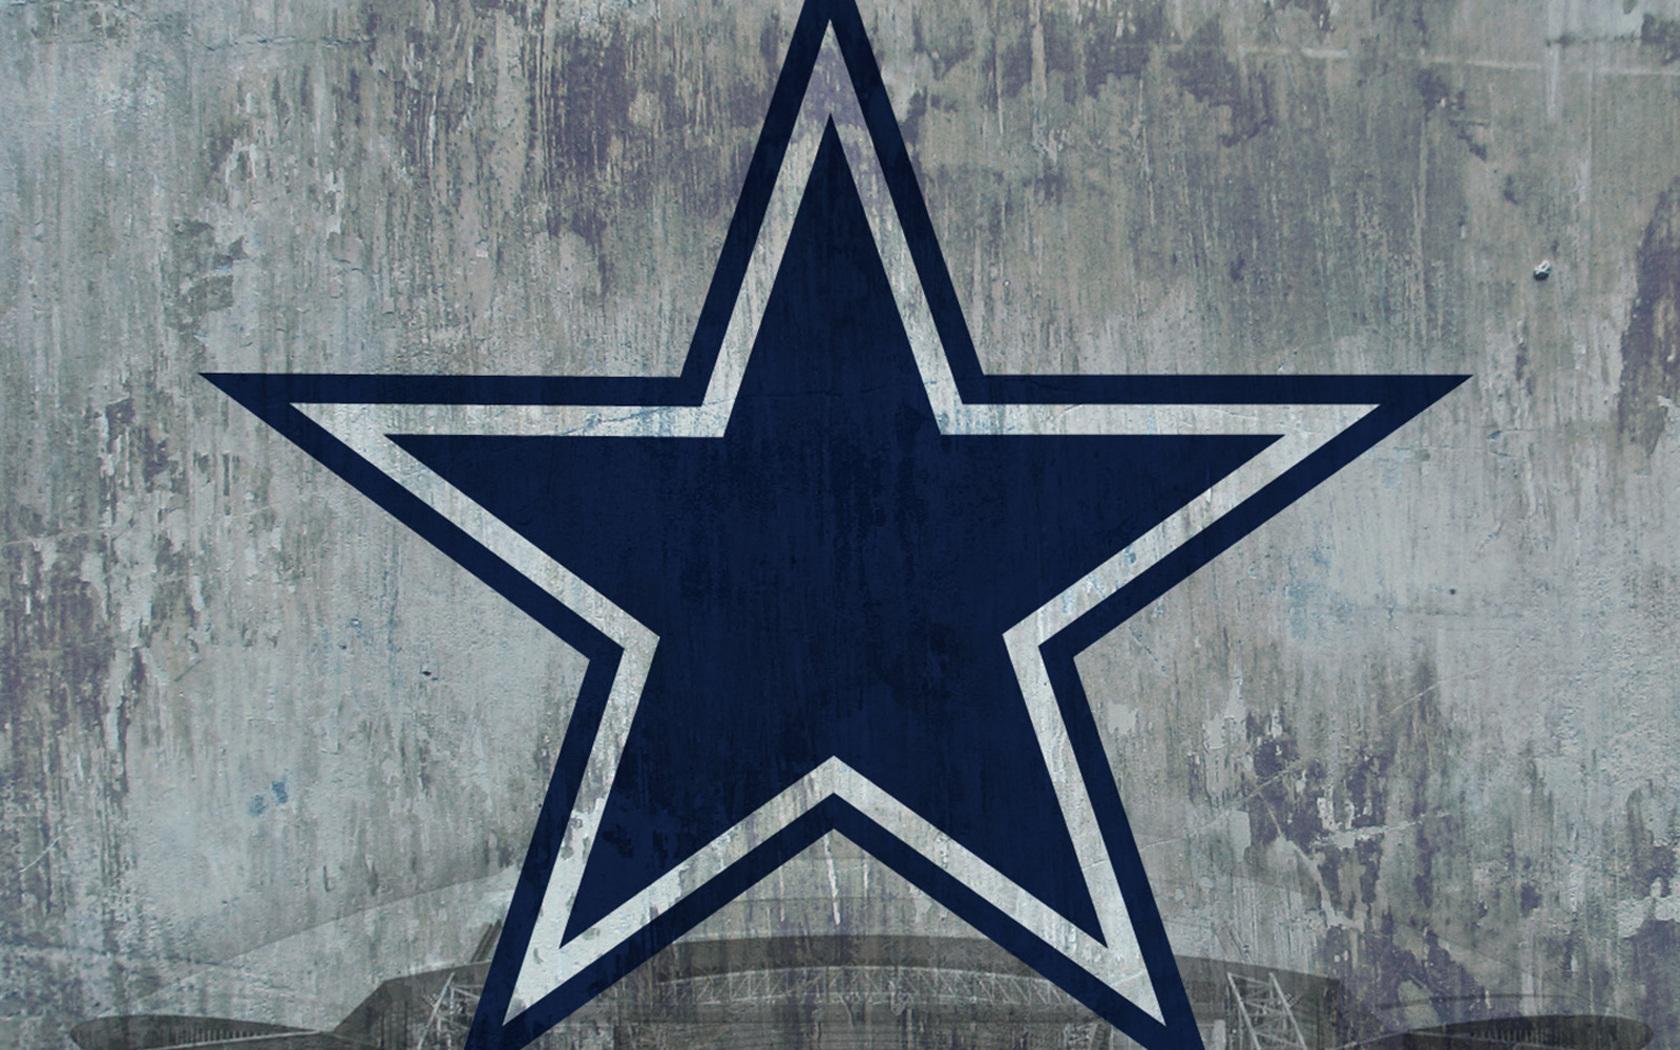 Cowboys - Dallas Cowboys Wallpaper Hd - HD Wallpaper